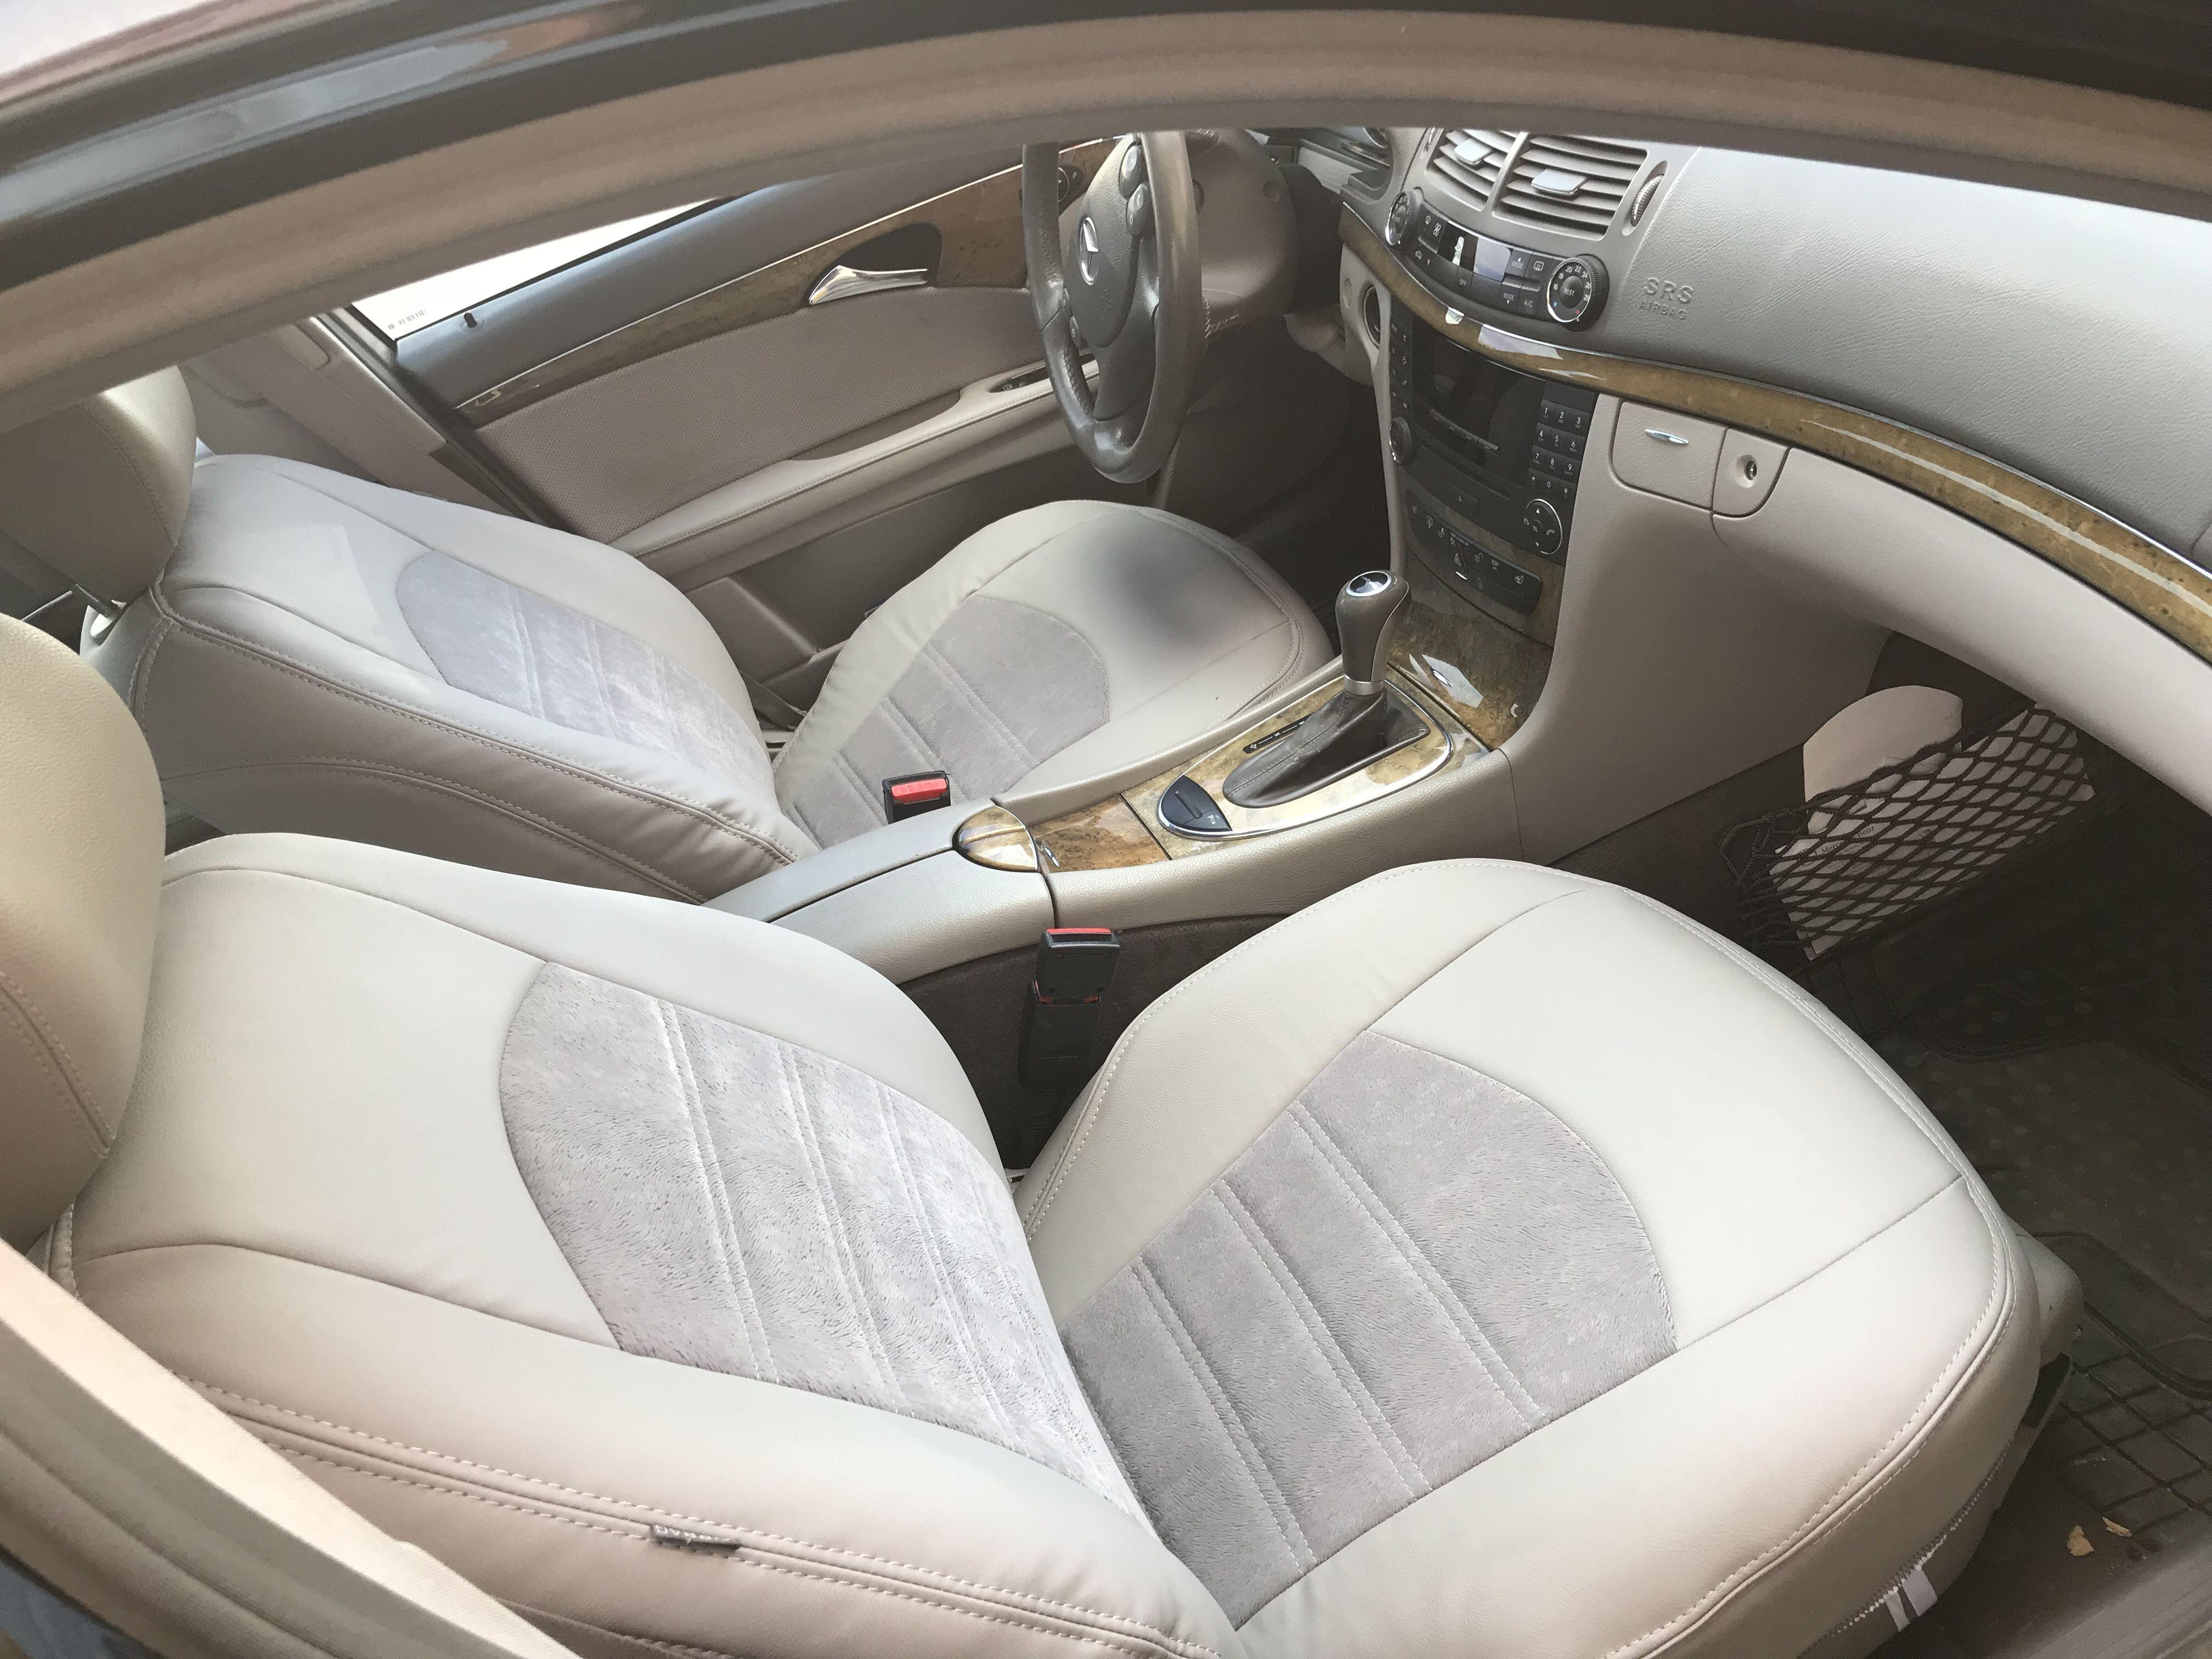 Mercedes E Serisi Ozel Dikim Deri Taytuyu Koltuk Kilifi Bilgi 03422353201 05337709262 Koltuklar Koltuk Kilifi Kiliflar